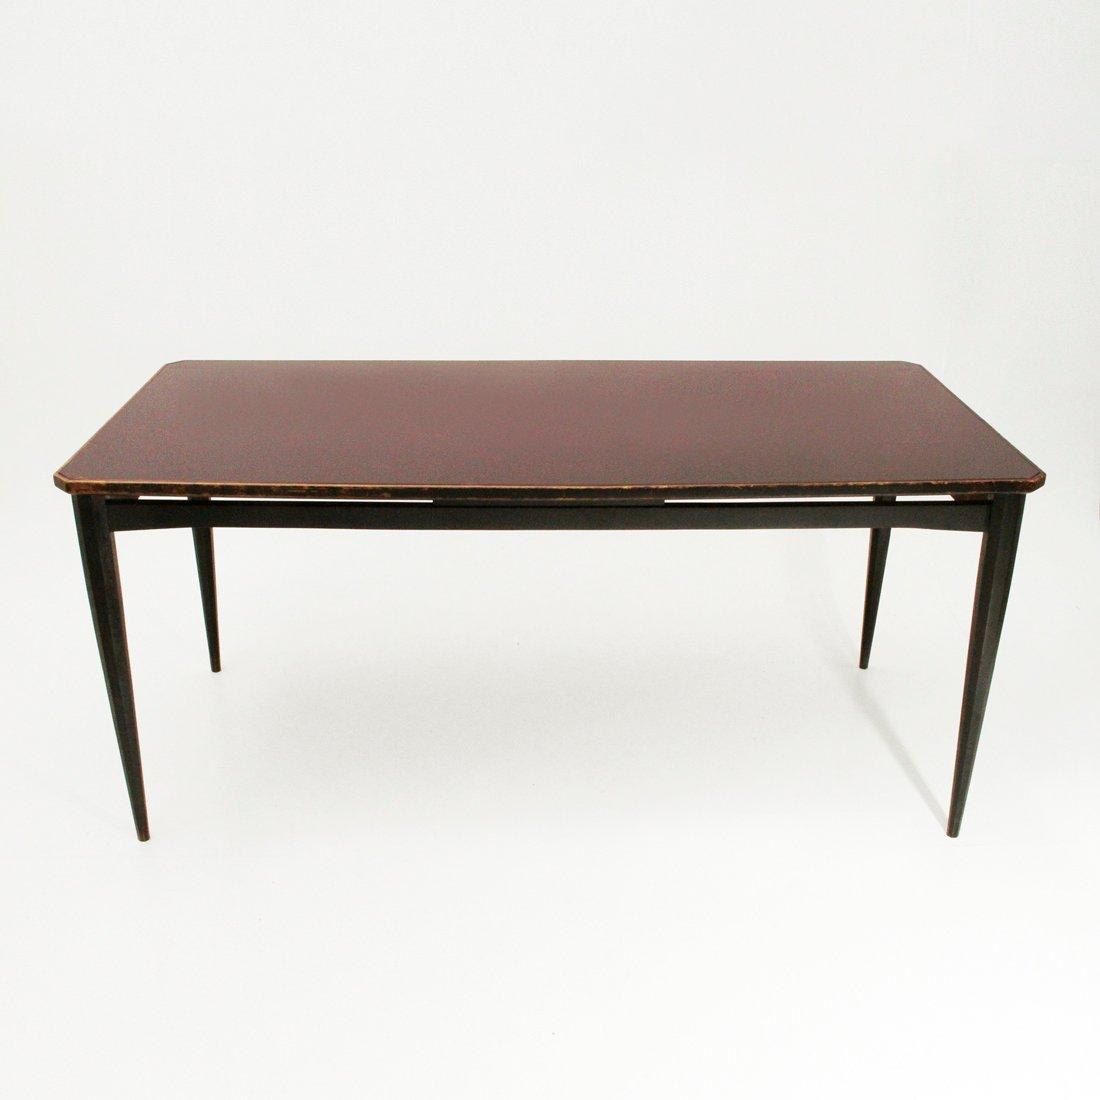 schwarzer italienischer esstisch mit glasplatte 1960er. Black Bedroom Furniture Sets. Home Design Ideas